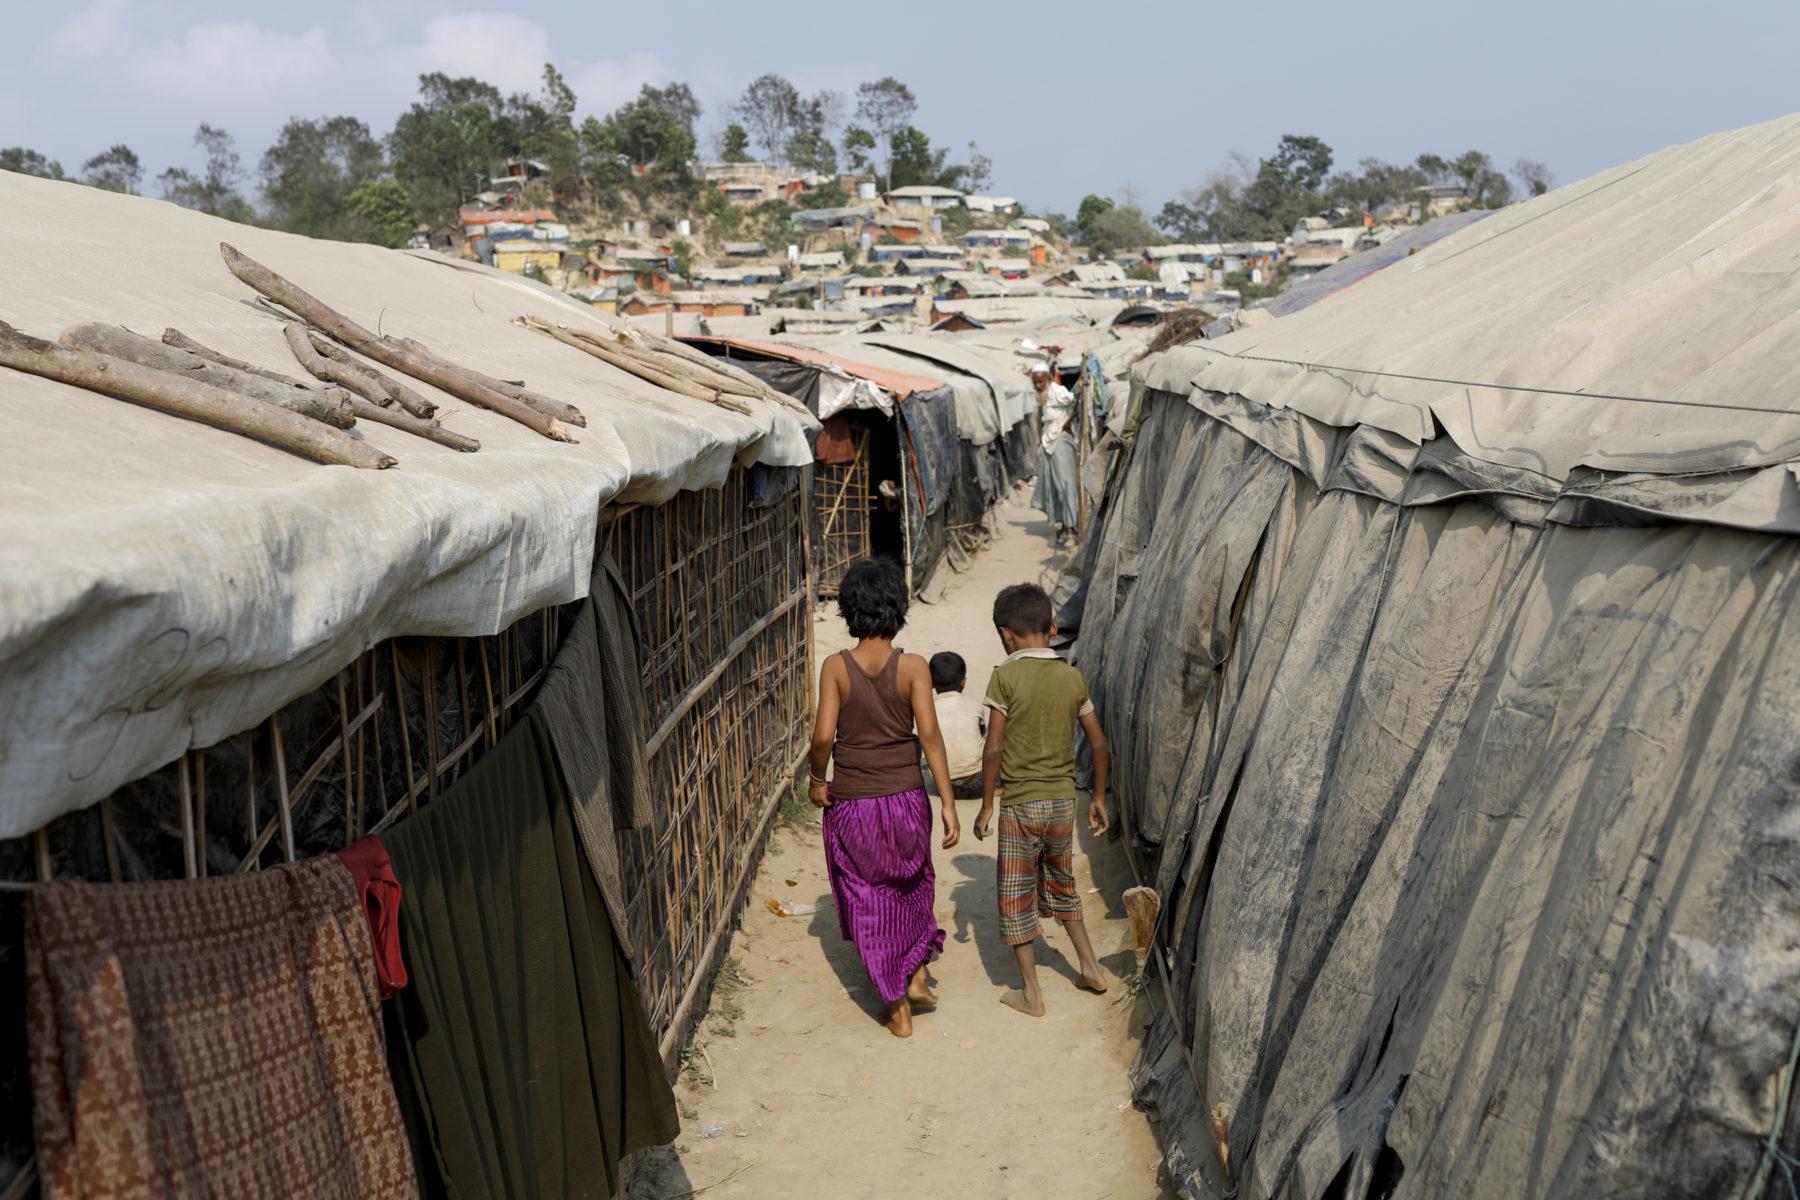 Rohingya im Flüchtlingscamp in Cox's Bazar, Bangladesh 2018 © European Union 2018, CC BY-NC-ND 2.0